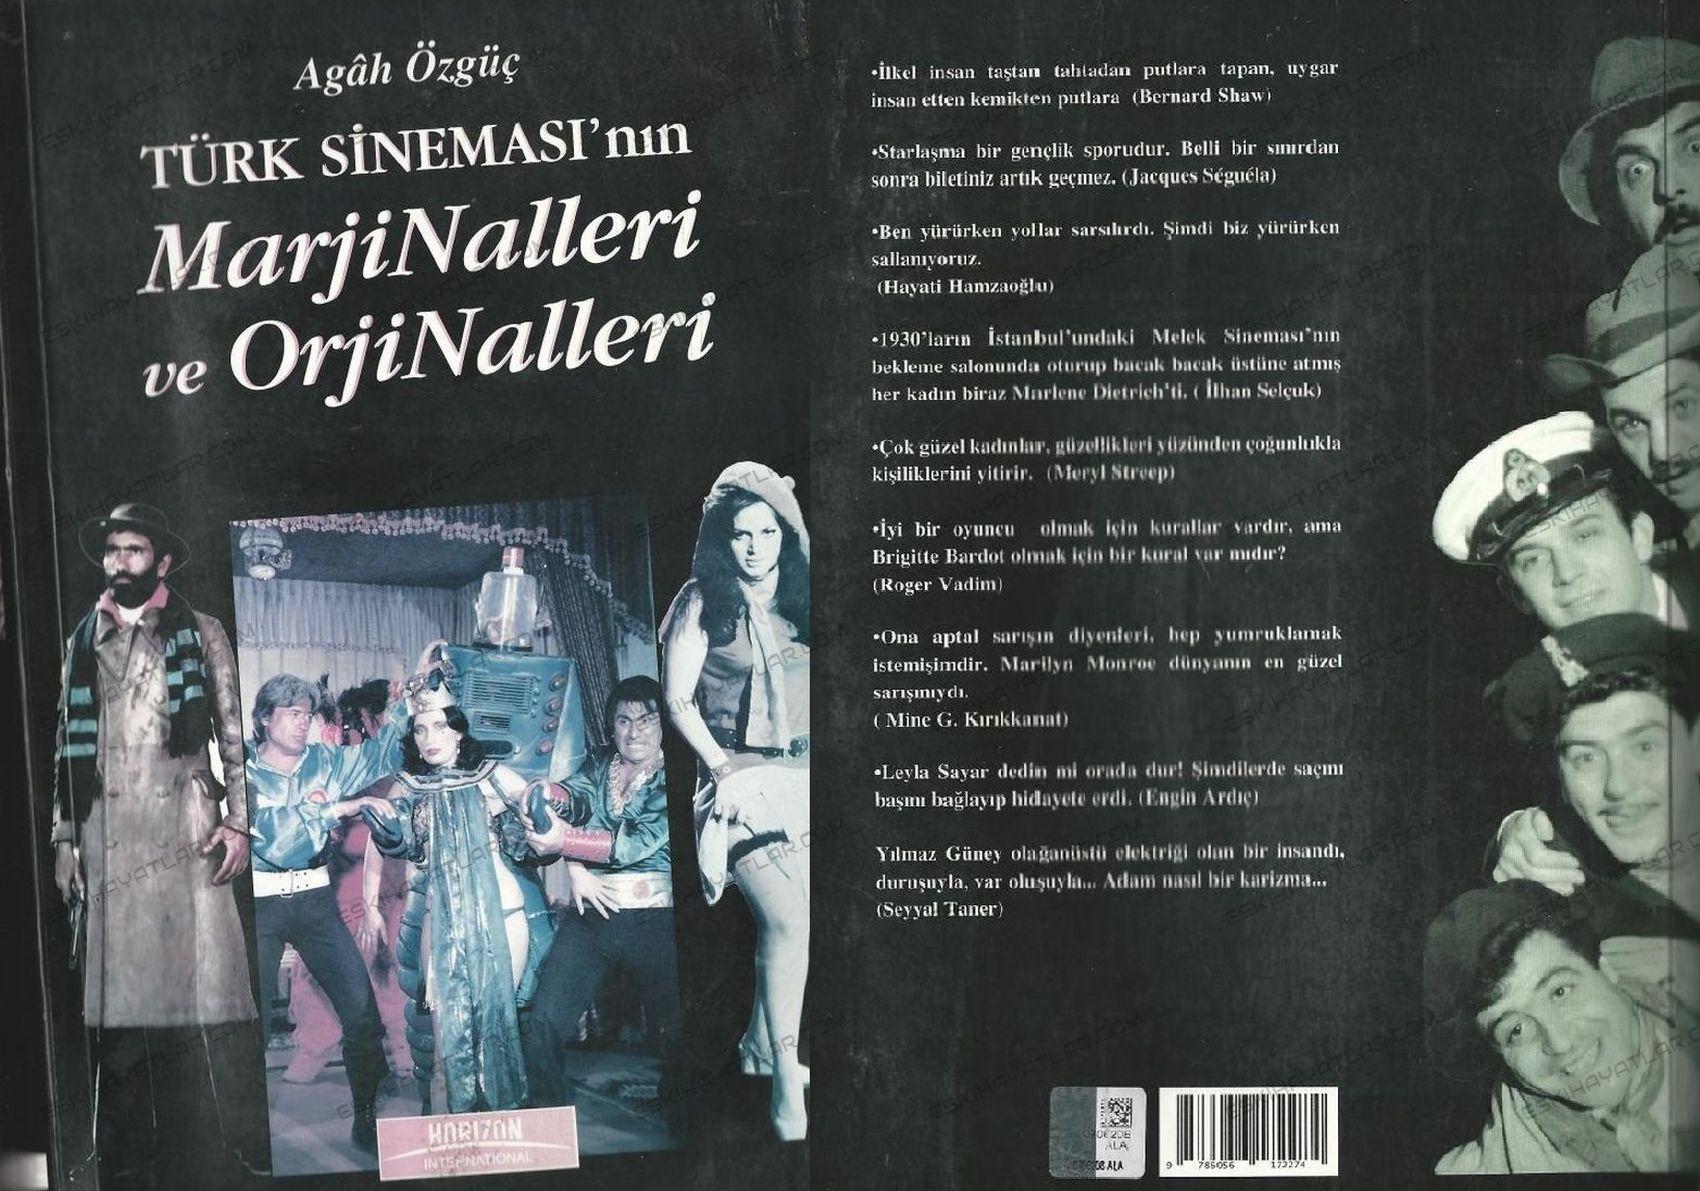 0137-horizon-yayinlari-turk-sinemasinin-marjinalleri-ve-orijinalleri-agah-ozguc-kitap